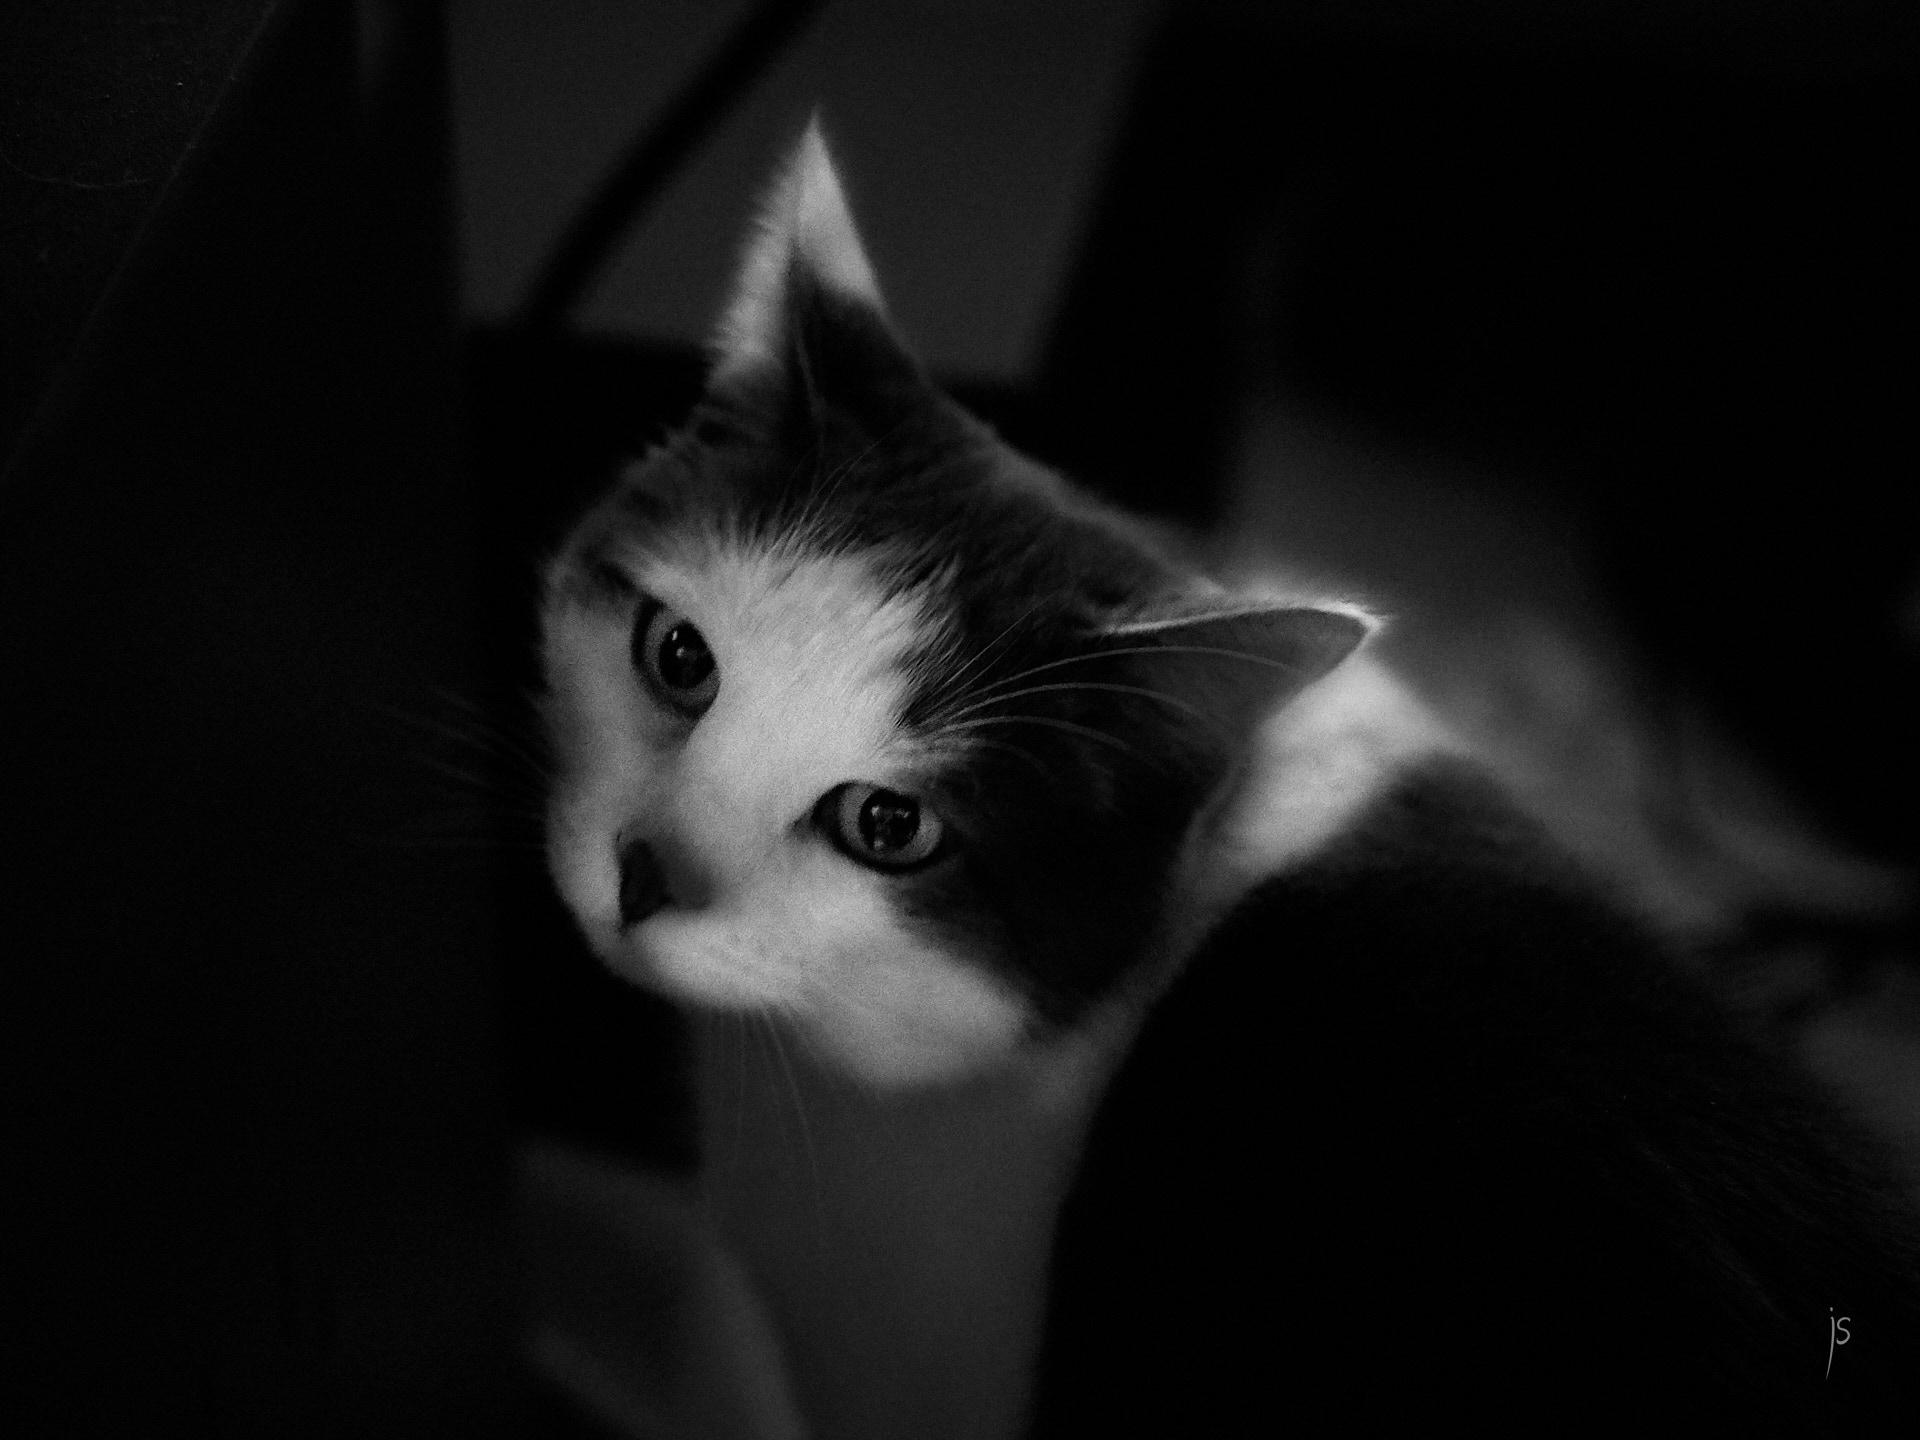 013 - le chat deux